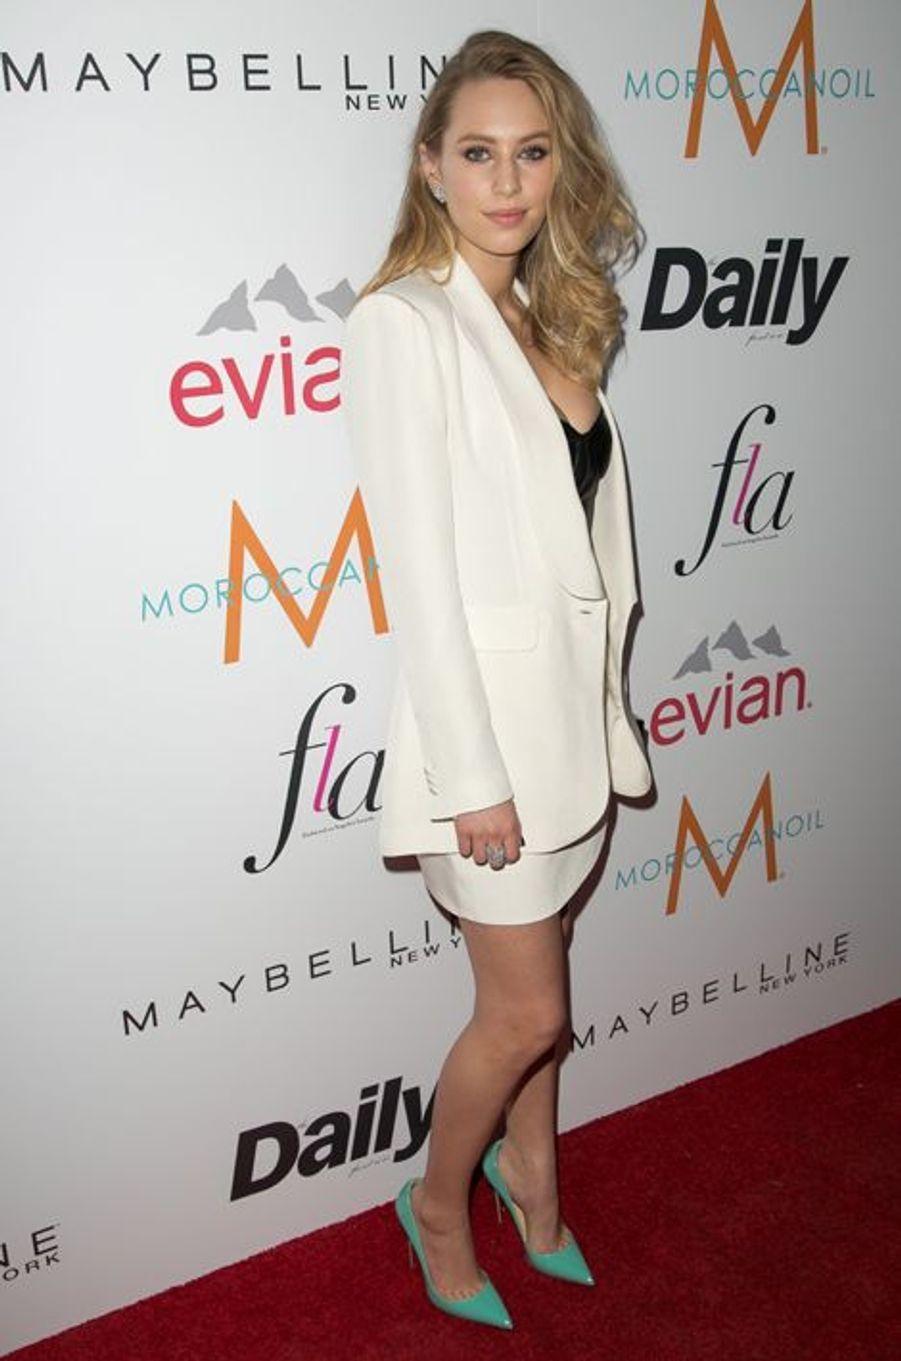 Dylan Penn, fille de Sean Penn et nouveau mannequin star à 23 ans